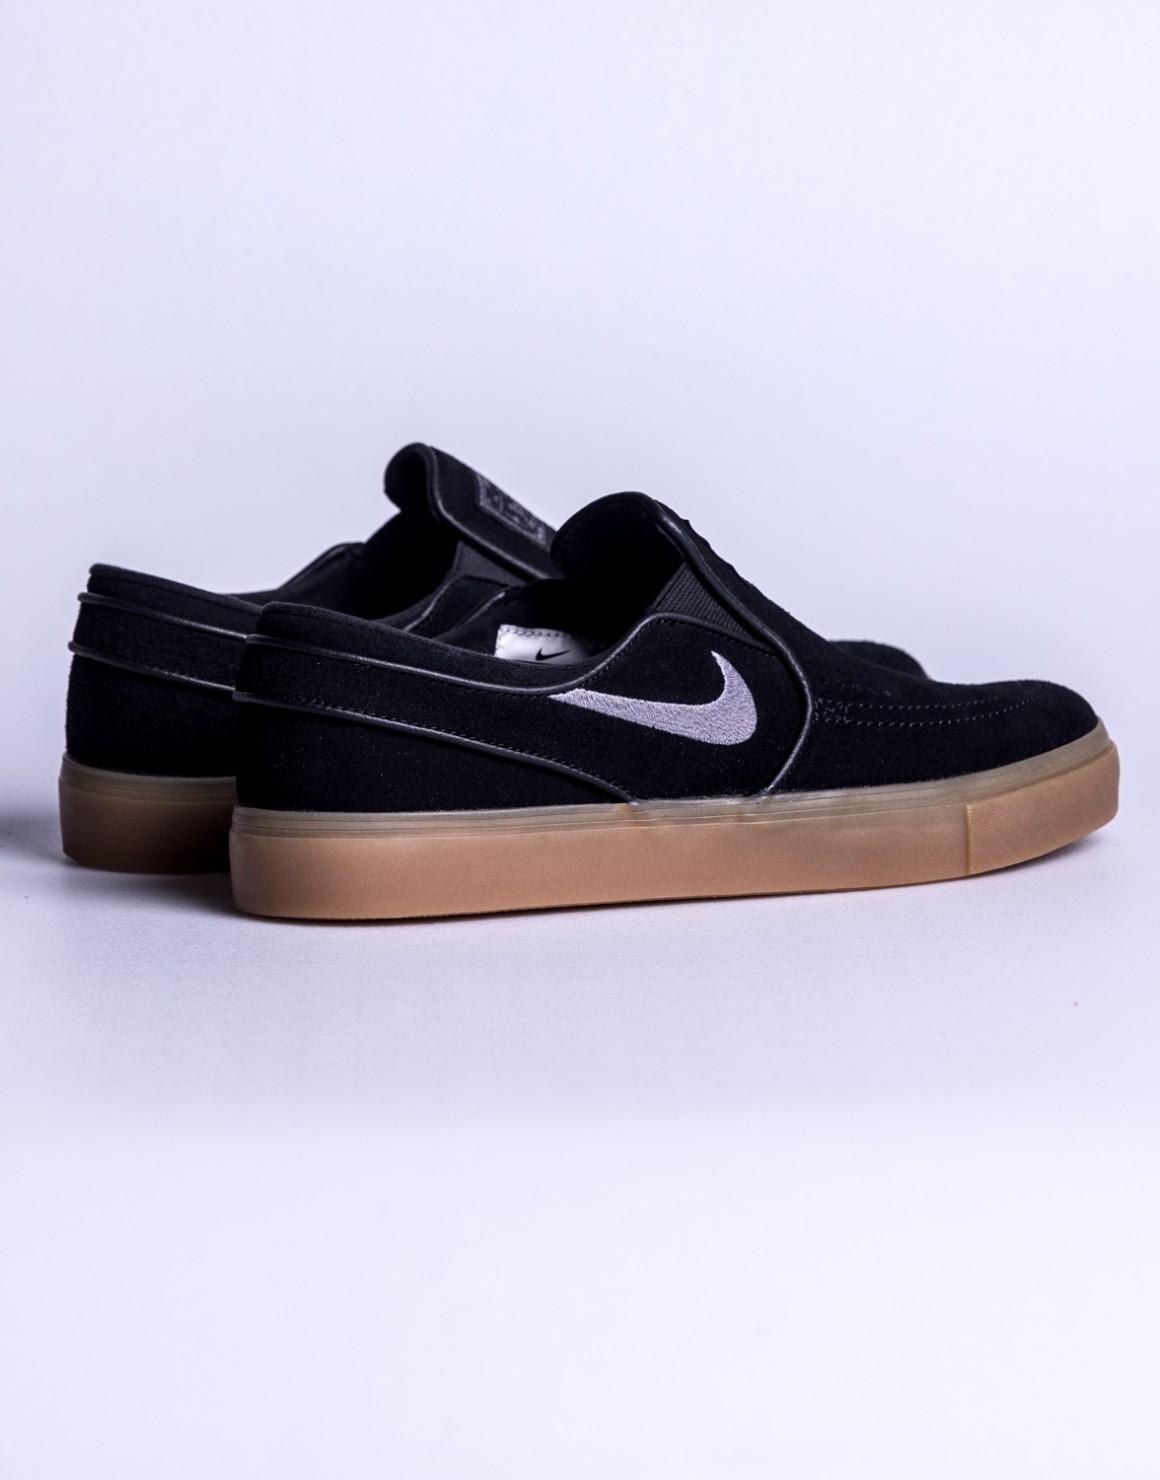 Køb Nike SB Zoom Stefan Janoski til Børn i Sort til 400 kr